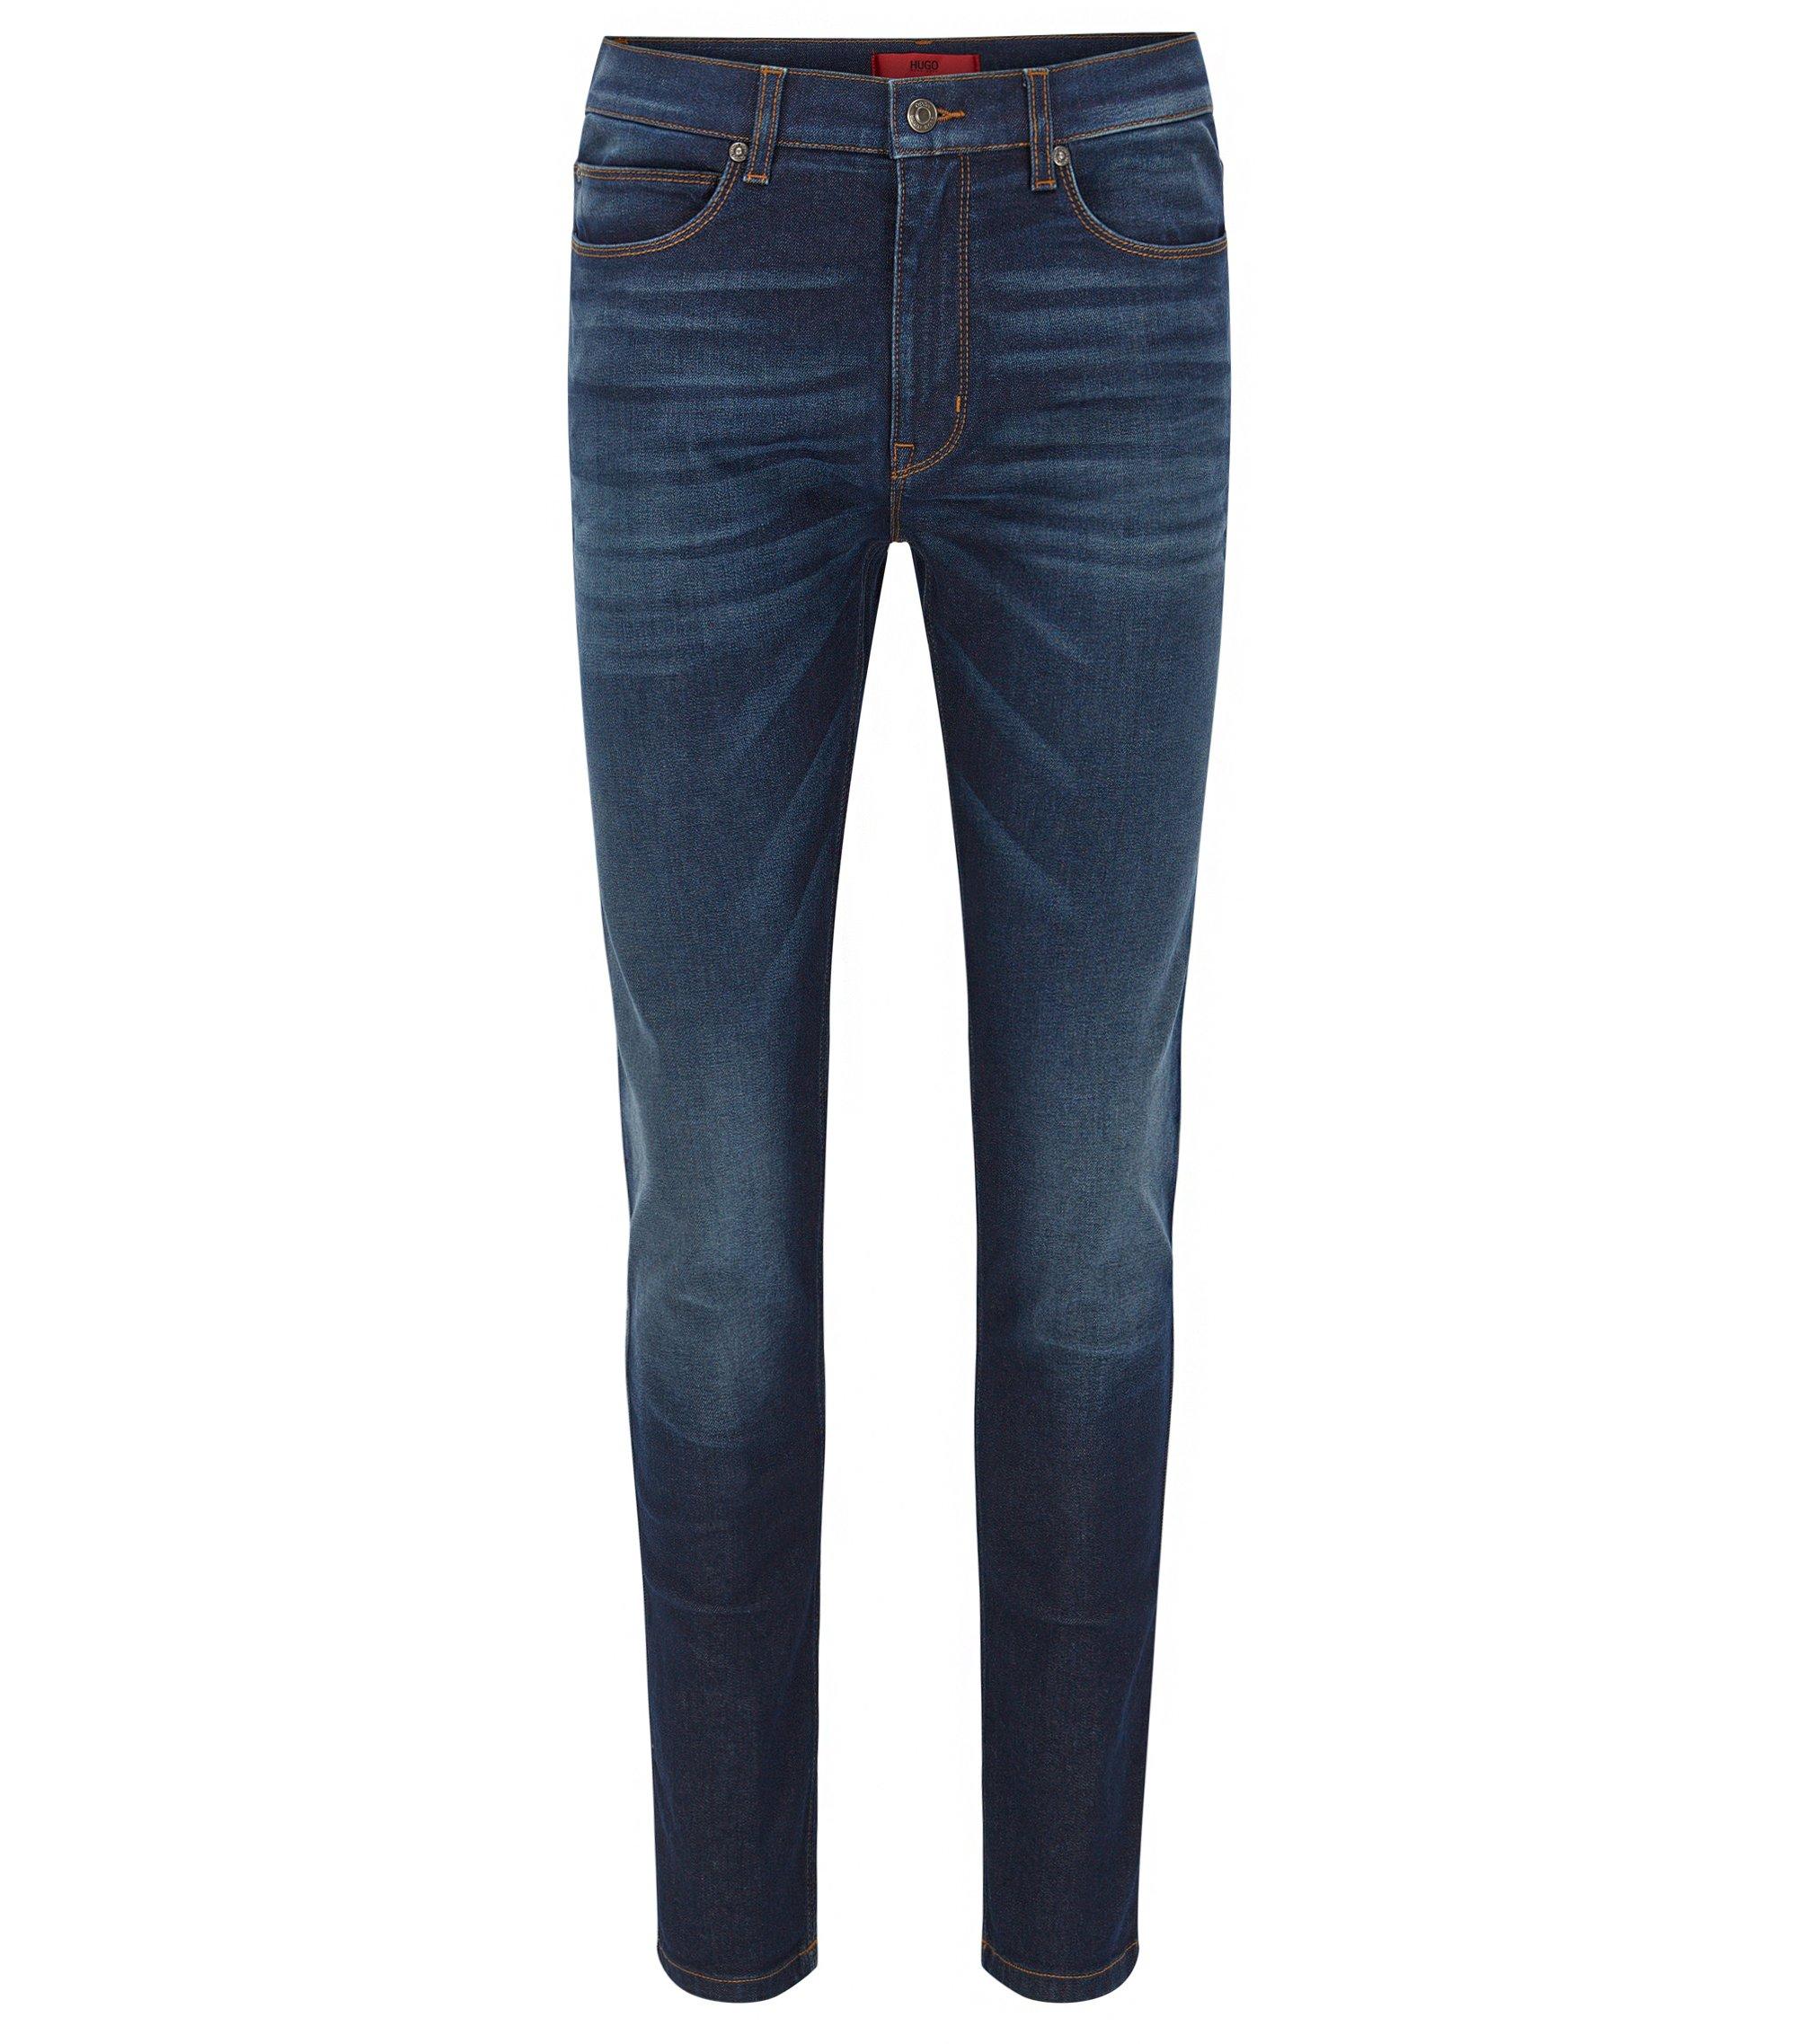 Jeans bleu Skinny Fit stone-washed en denim stretch, Bleu